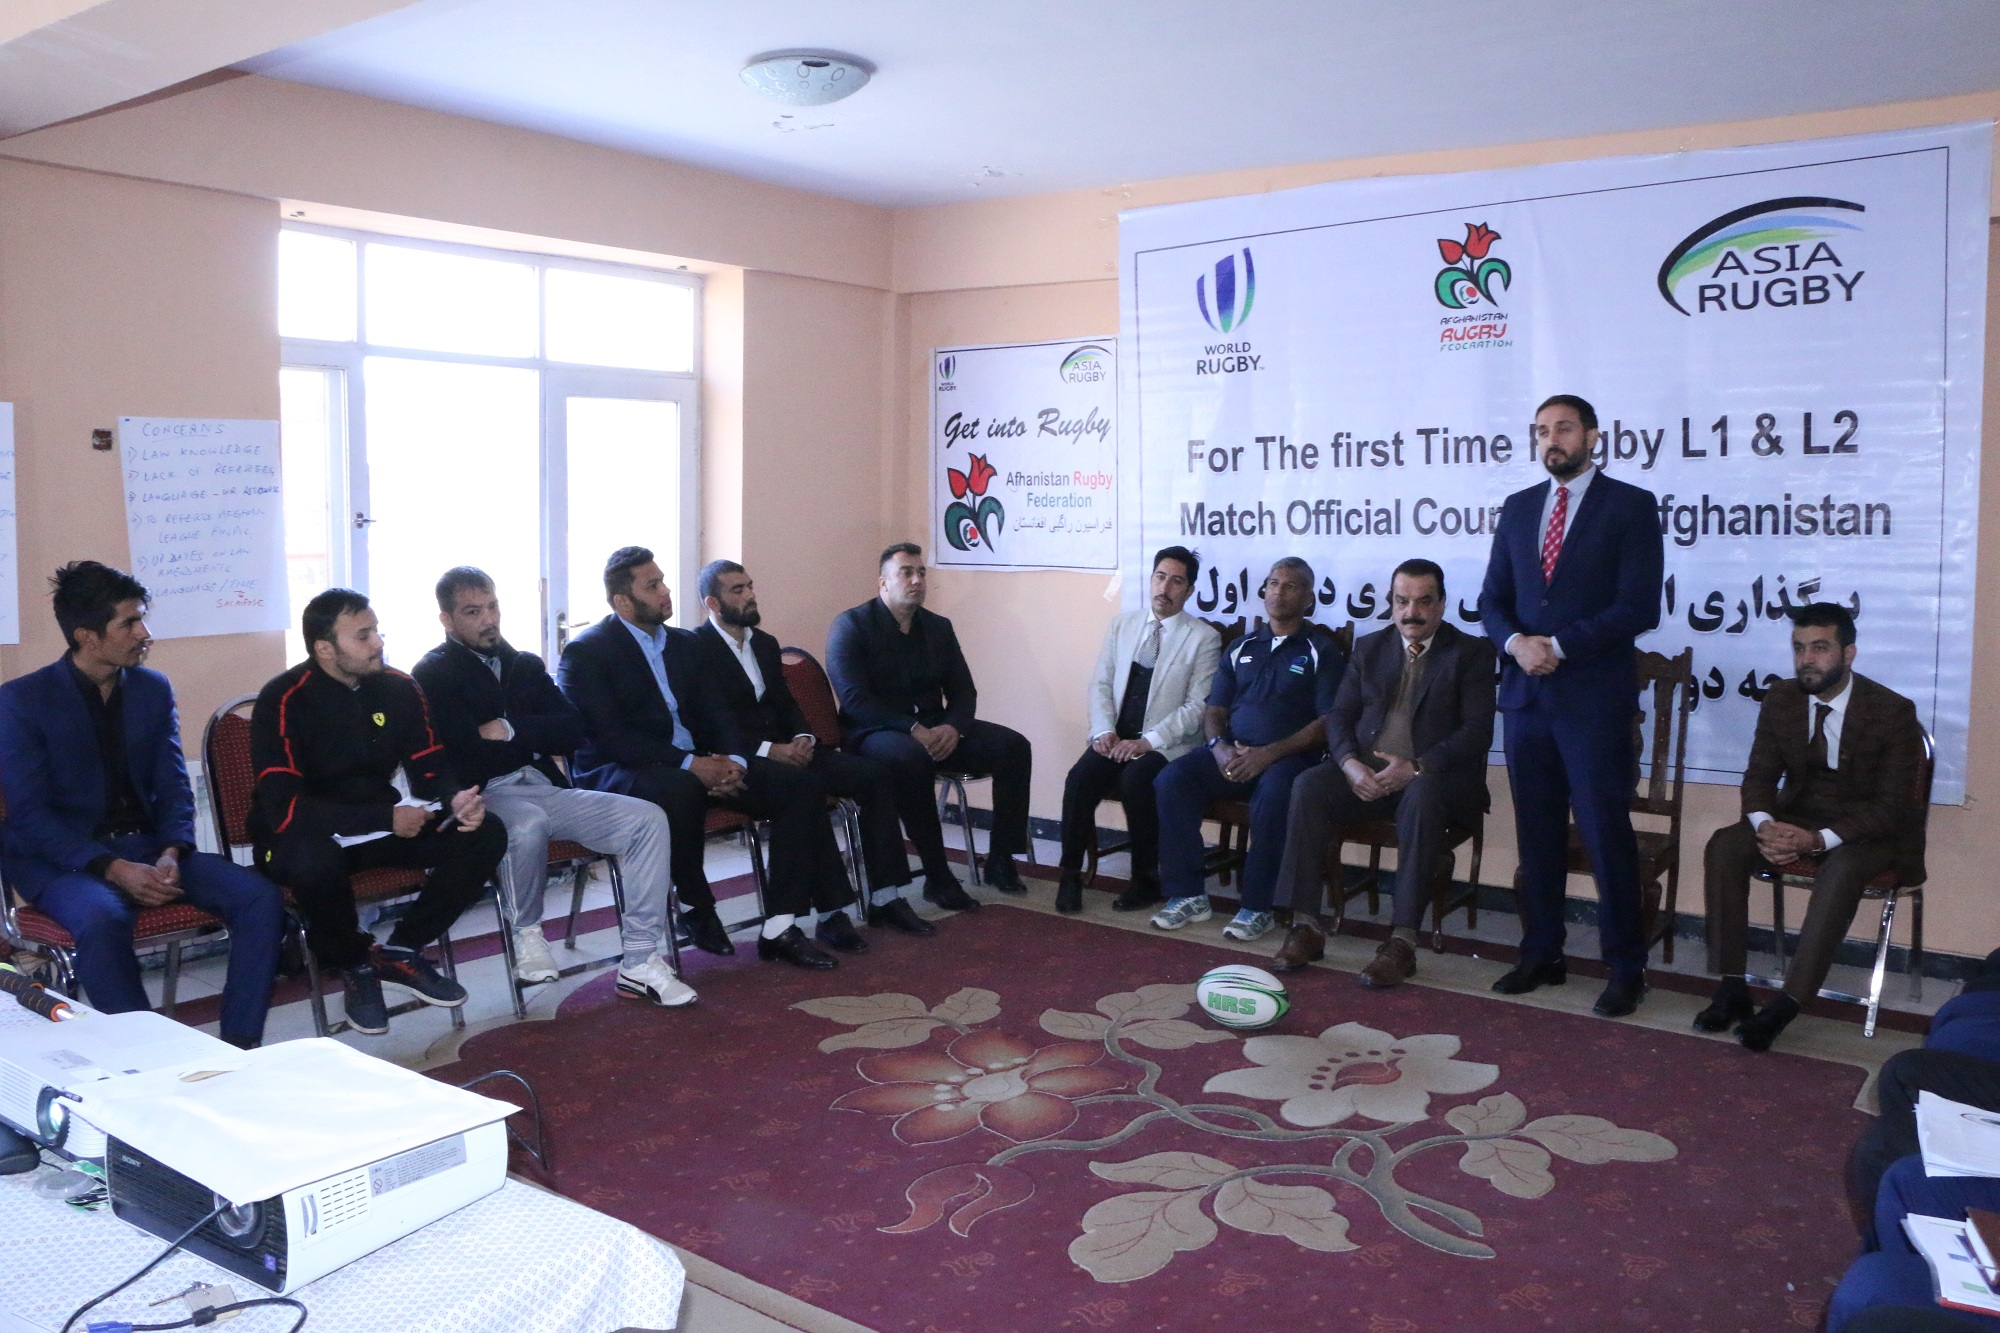 ظرفیت سازی برای آینده رگبی و فدراسیون ملی رگبی روز گذشته سیمینار آموزشی داوری را در کابل راه اندازی نمود